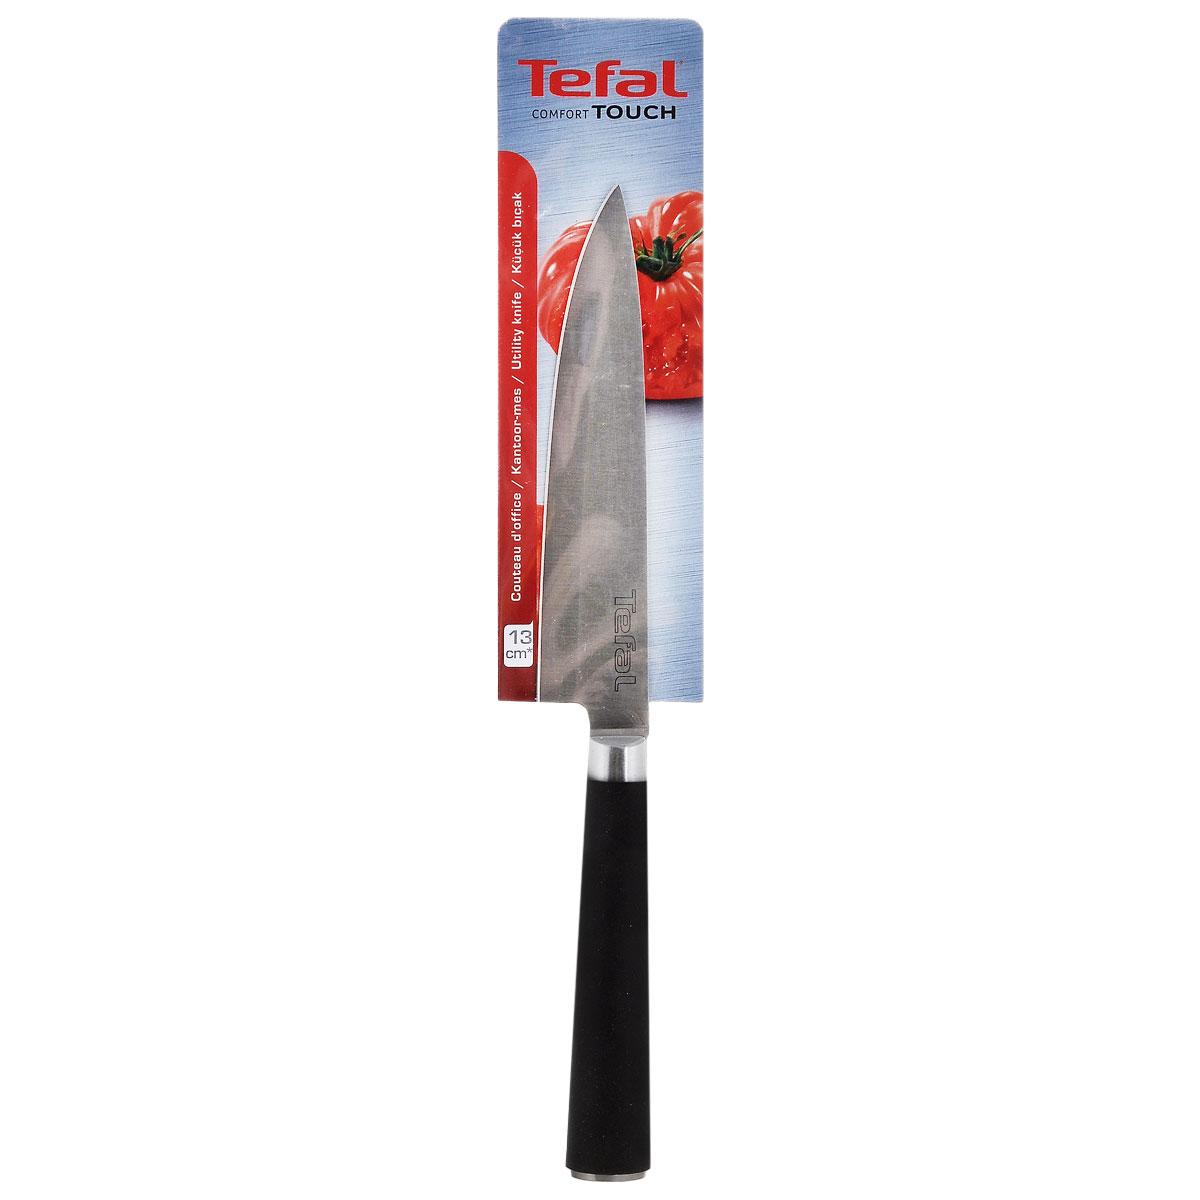 Нож многофункциональный Tefal Comfort Touch, длина лезвия 13 см2100071017Нож Tefal Comfort Touch выполнен из нержавеющей стали. Эргономичная ручка не выскользнет у вас из рук благодаря резиновому покрытию. Этот многофункциональный нож идеален для резки небольших овощей и фруктов, а также колбасы, сыра, масла. Общая длина ножа: 25,5 см.